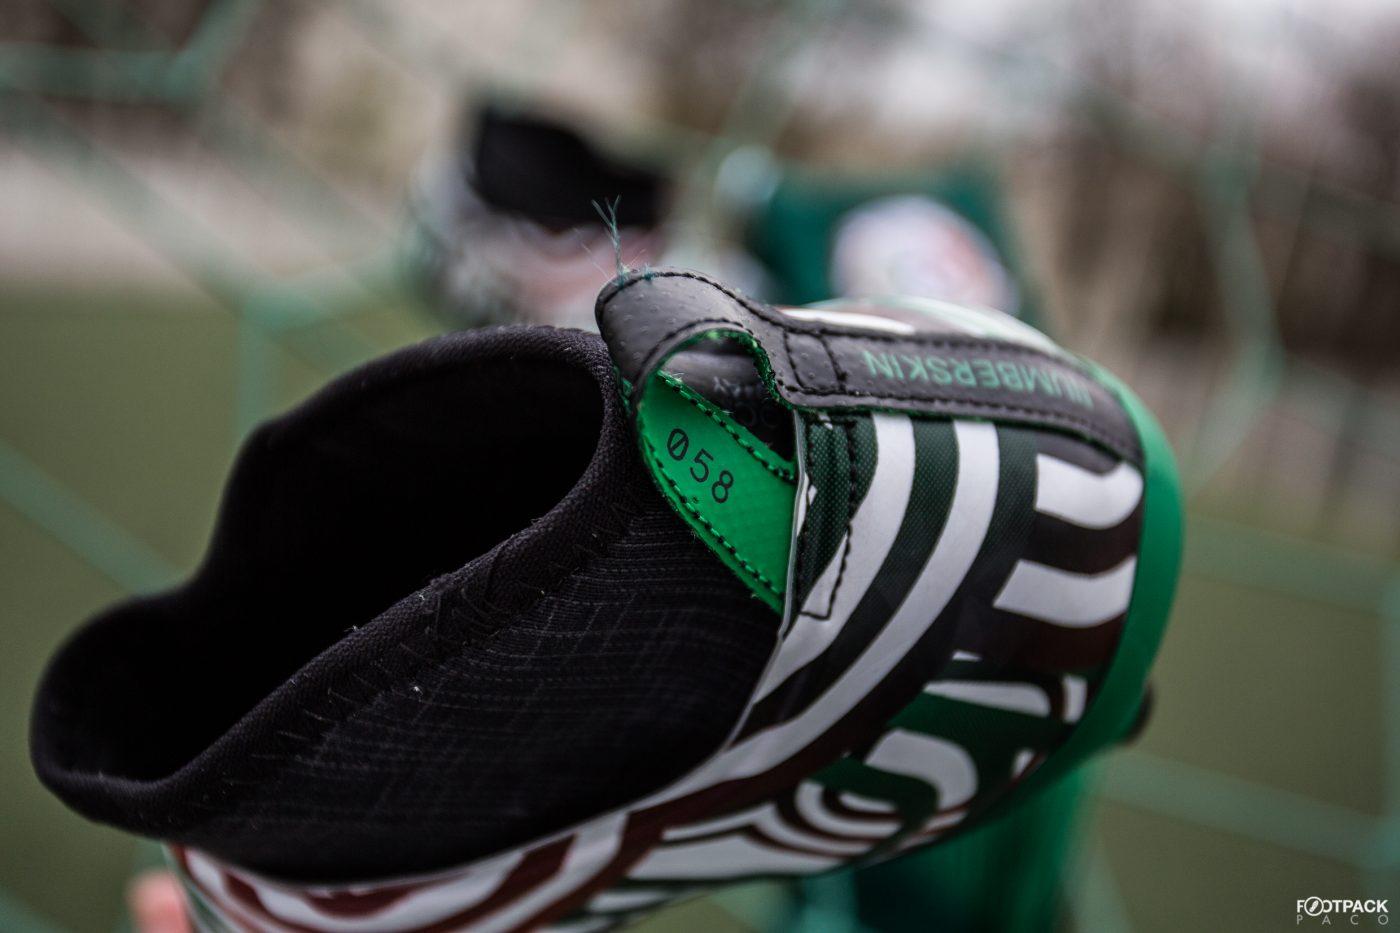 adidas-glitch-number-skin-numberskin-footpack-8